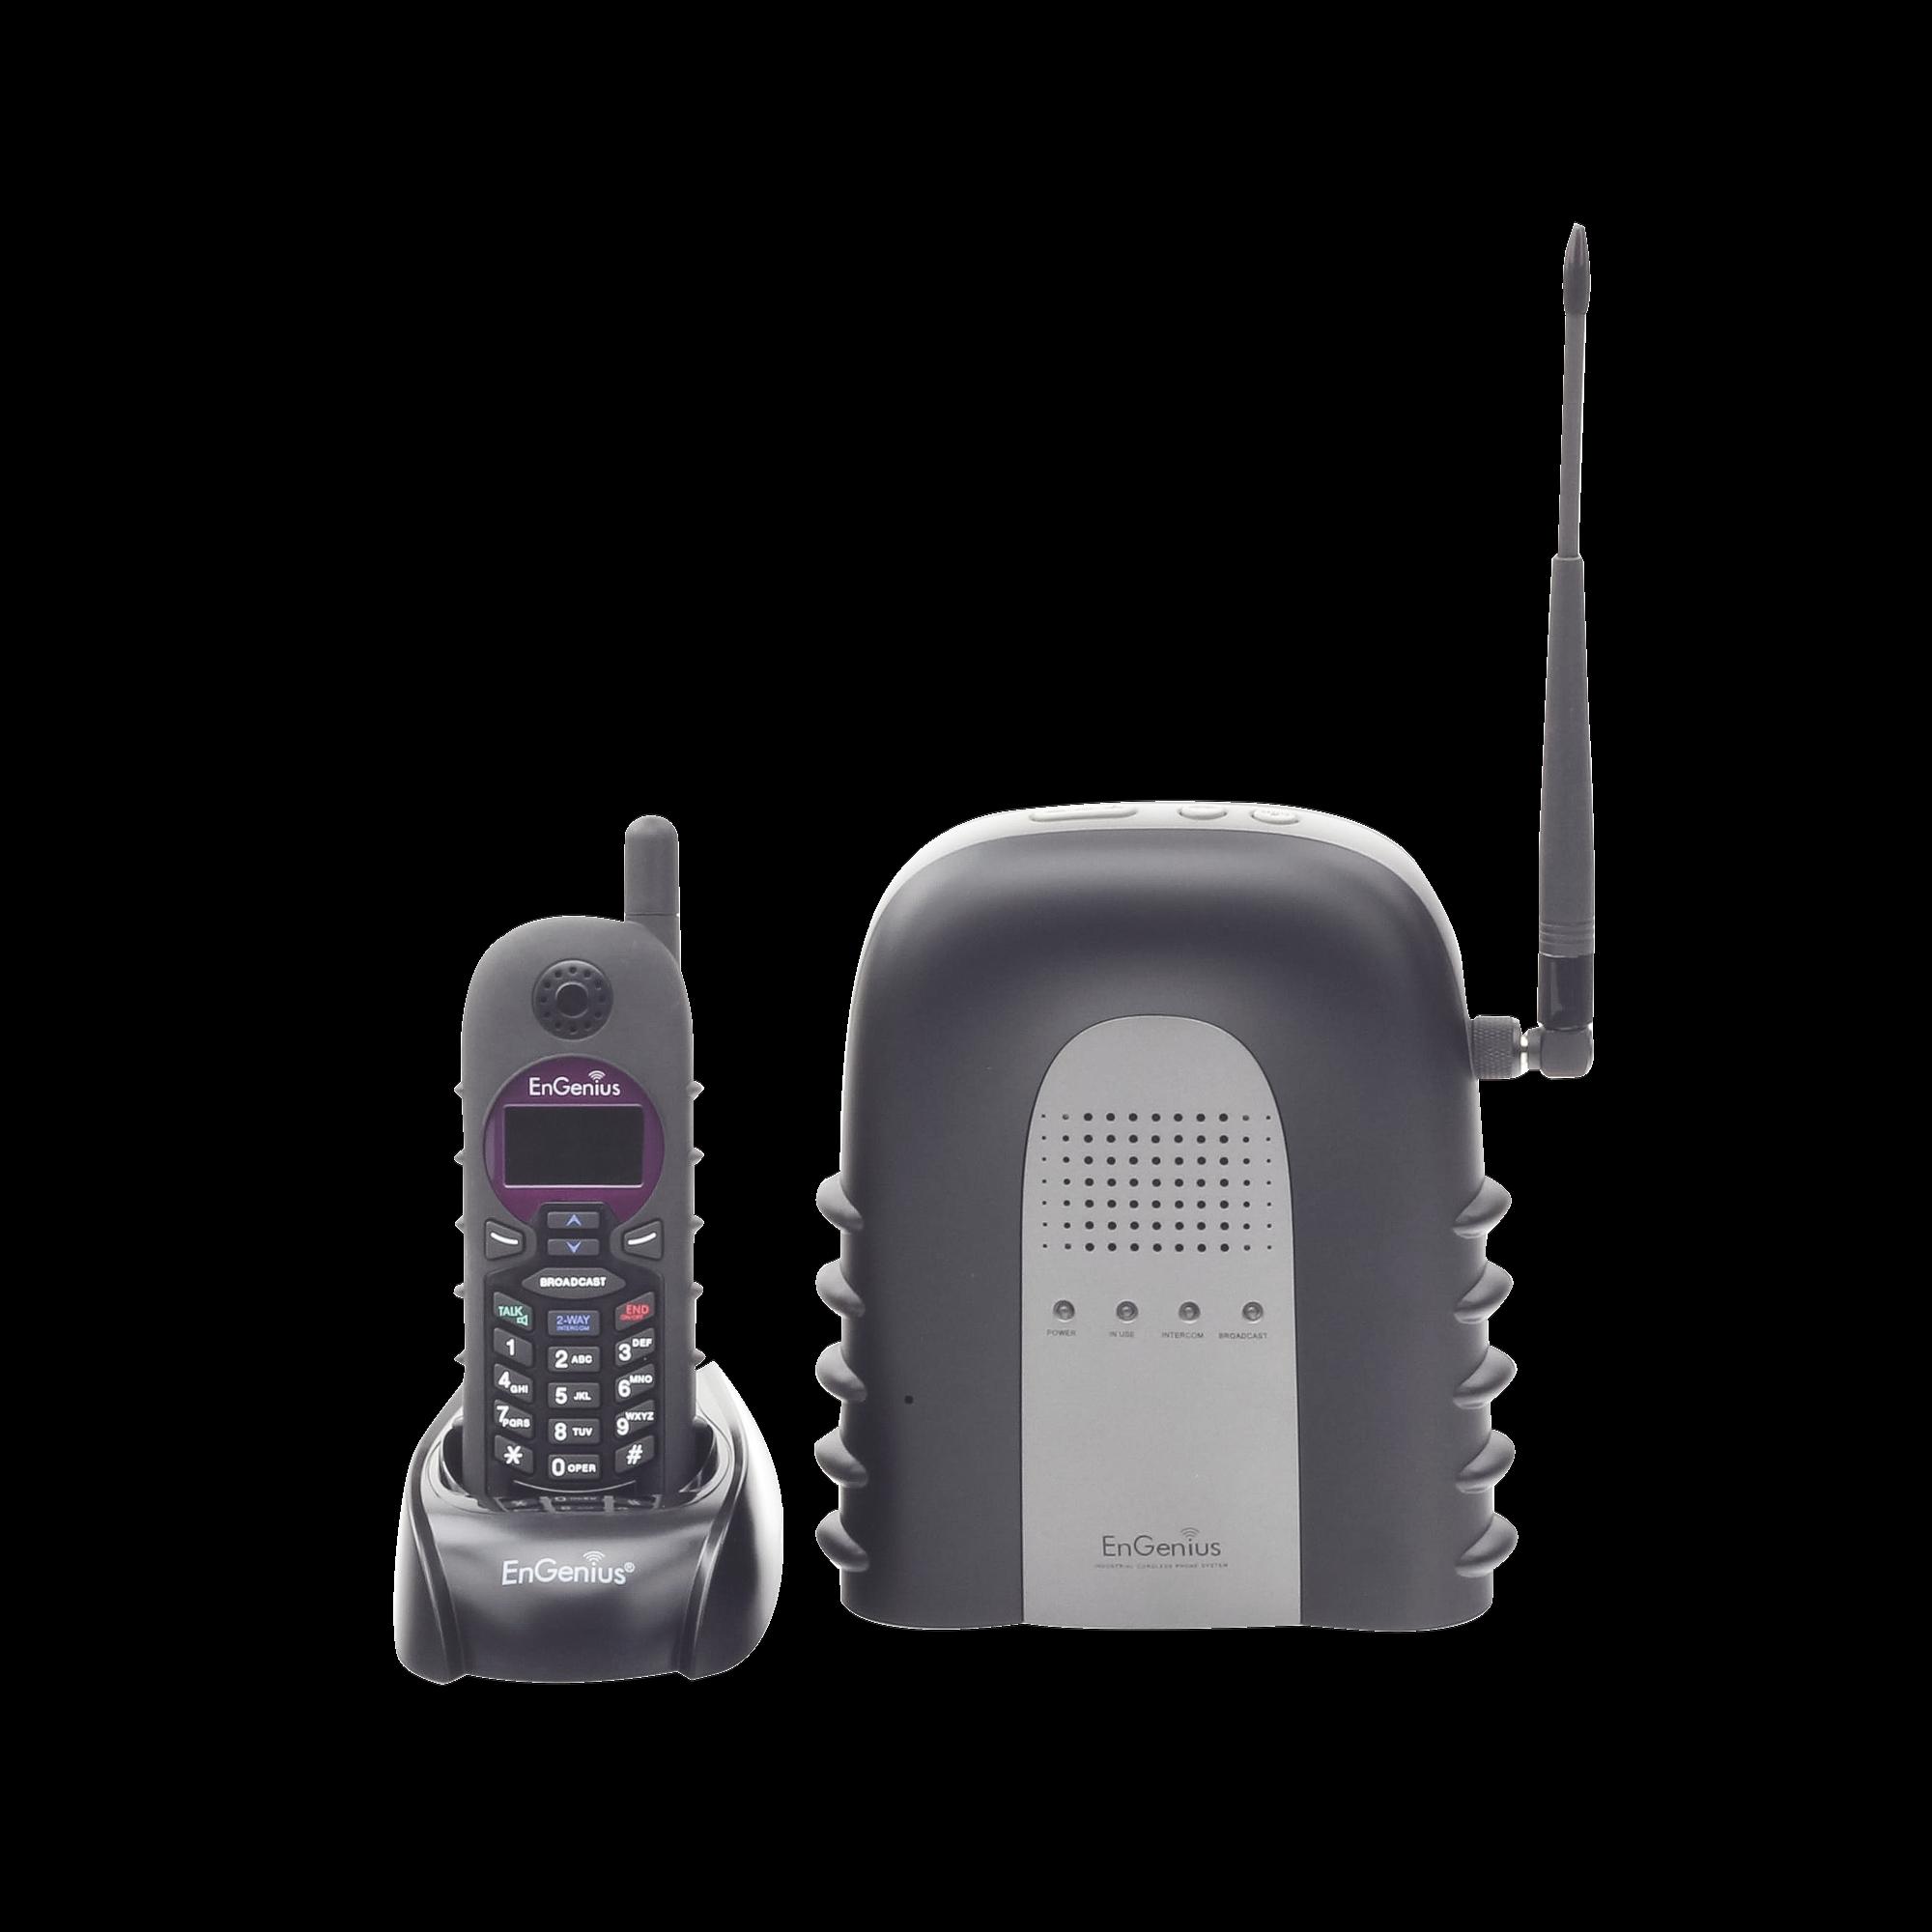 Sistema Telefonico IP de Largo Alcance / Hasta 23000 m? en Almacenes / Hasta 12 km? en Granjas o Ranchos / 12 Pisos de Penetracion / Funcion de Radio de 2 Vias/ Hasta 10 cuentas SIP